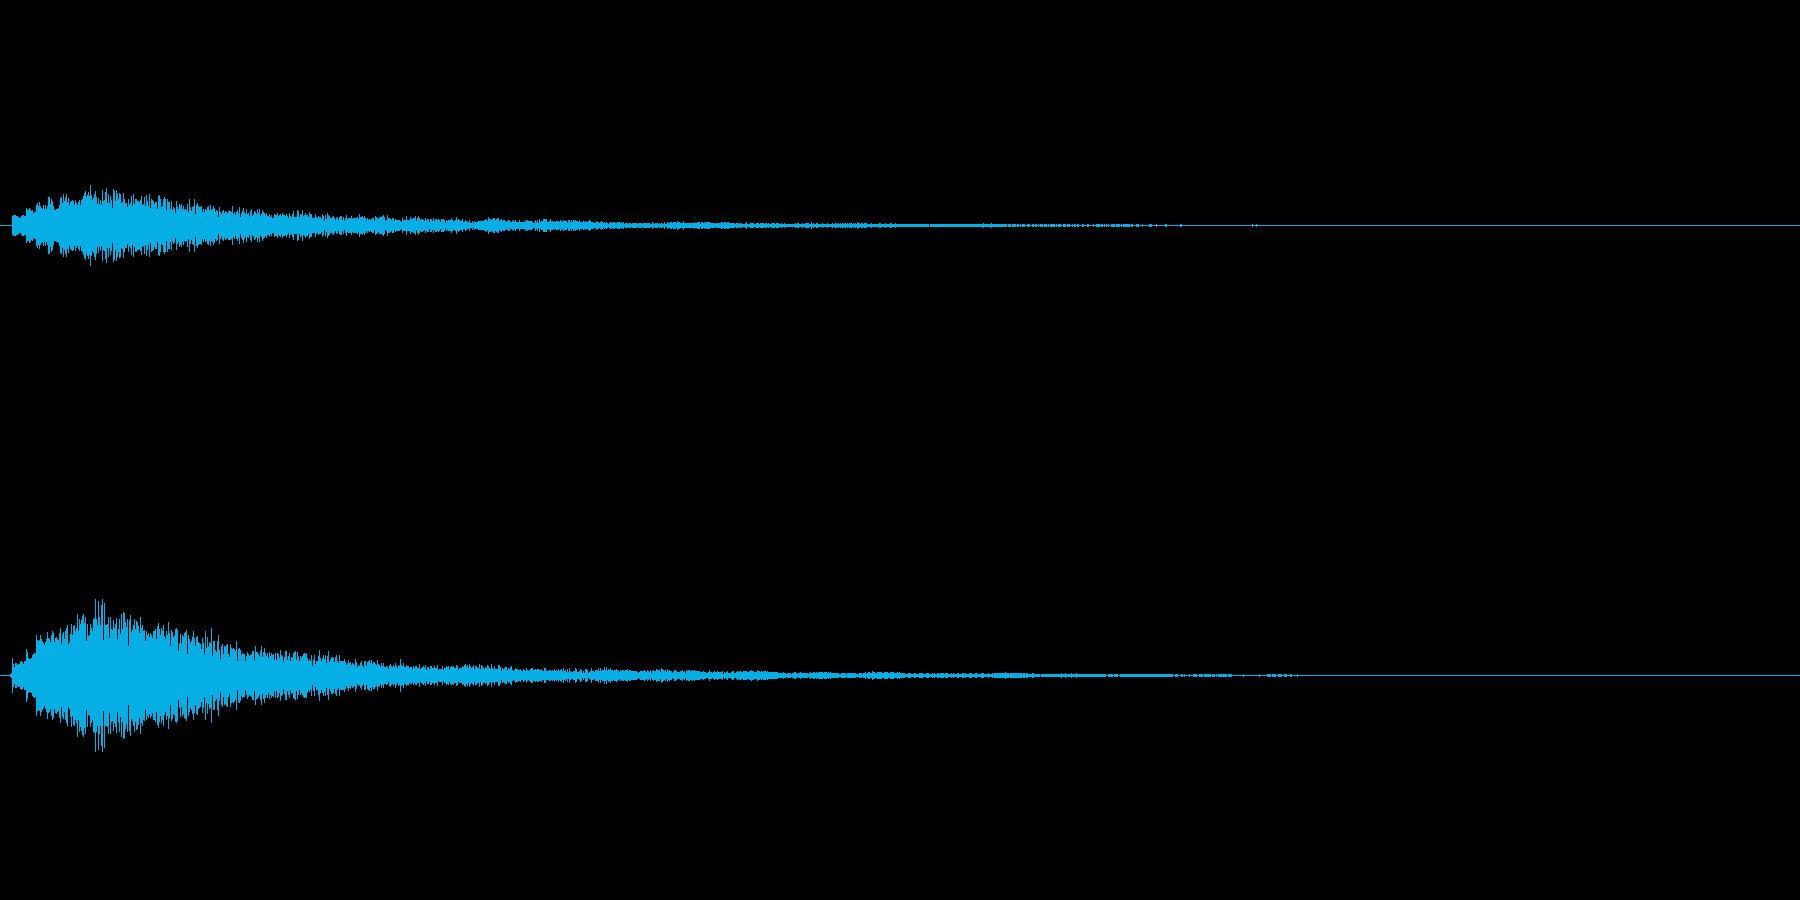 キラキラ系_042の再生済みの波形